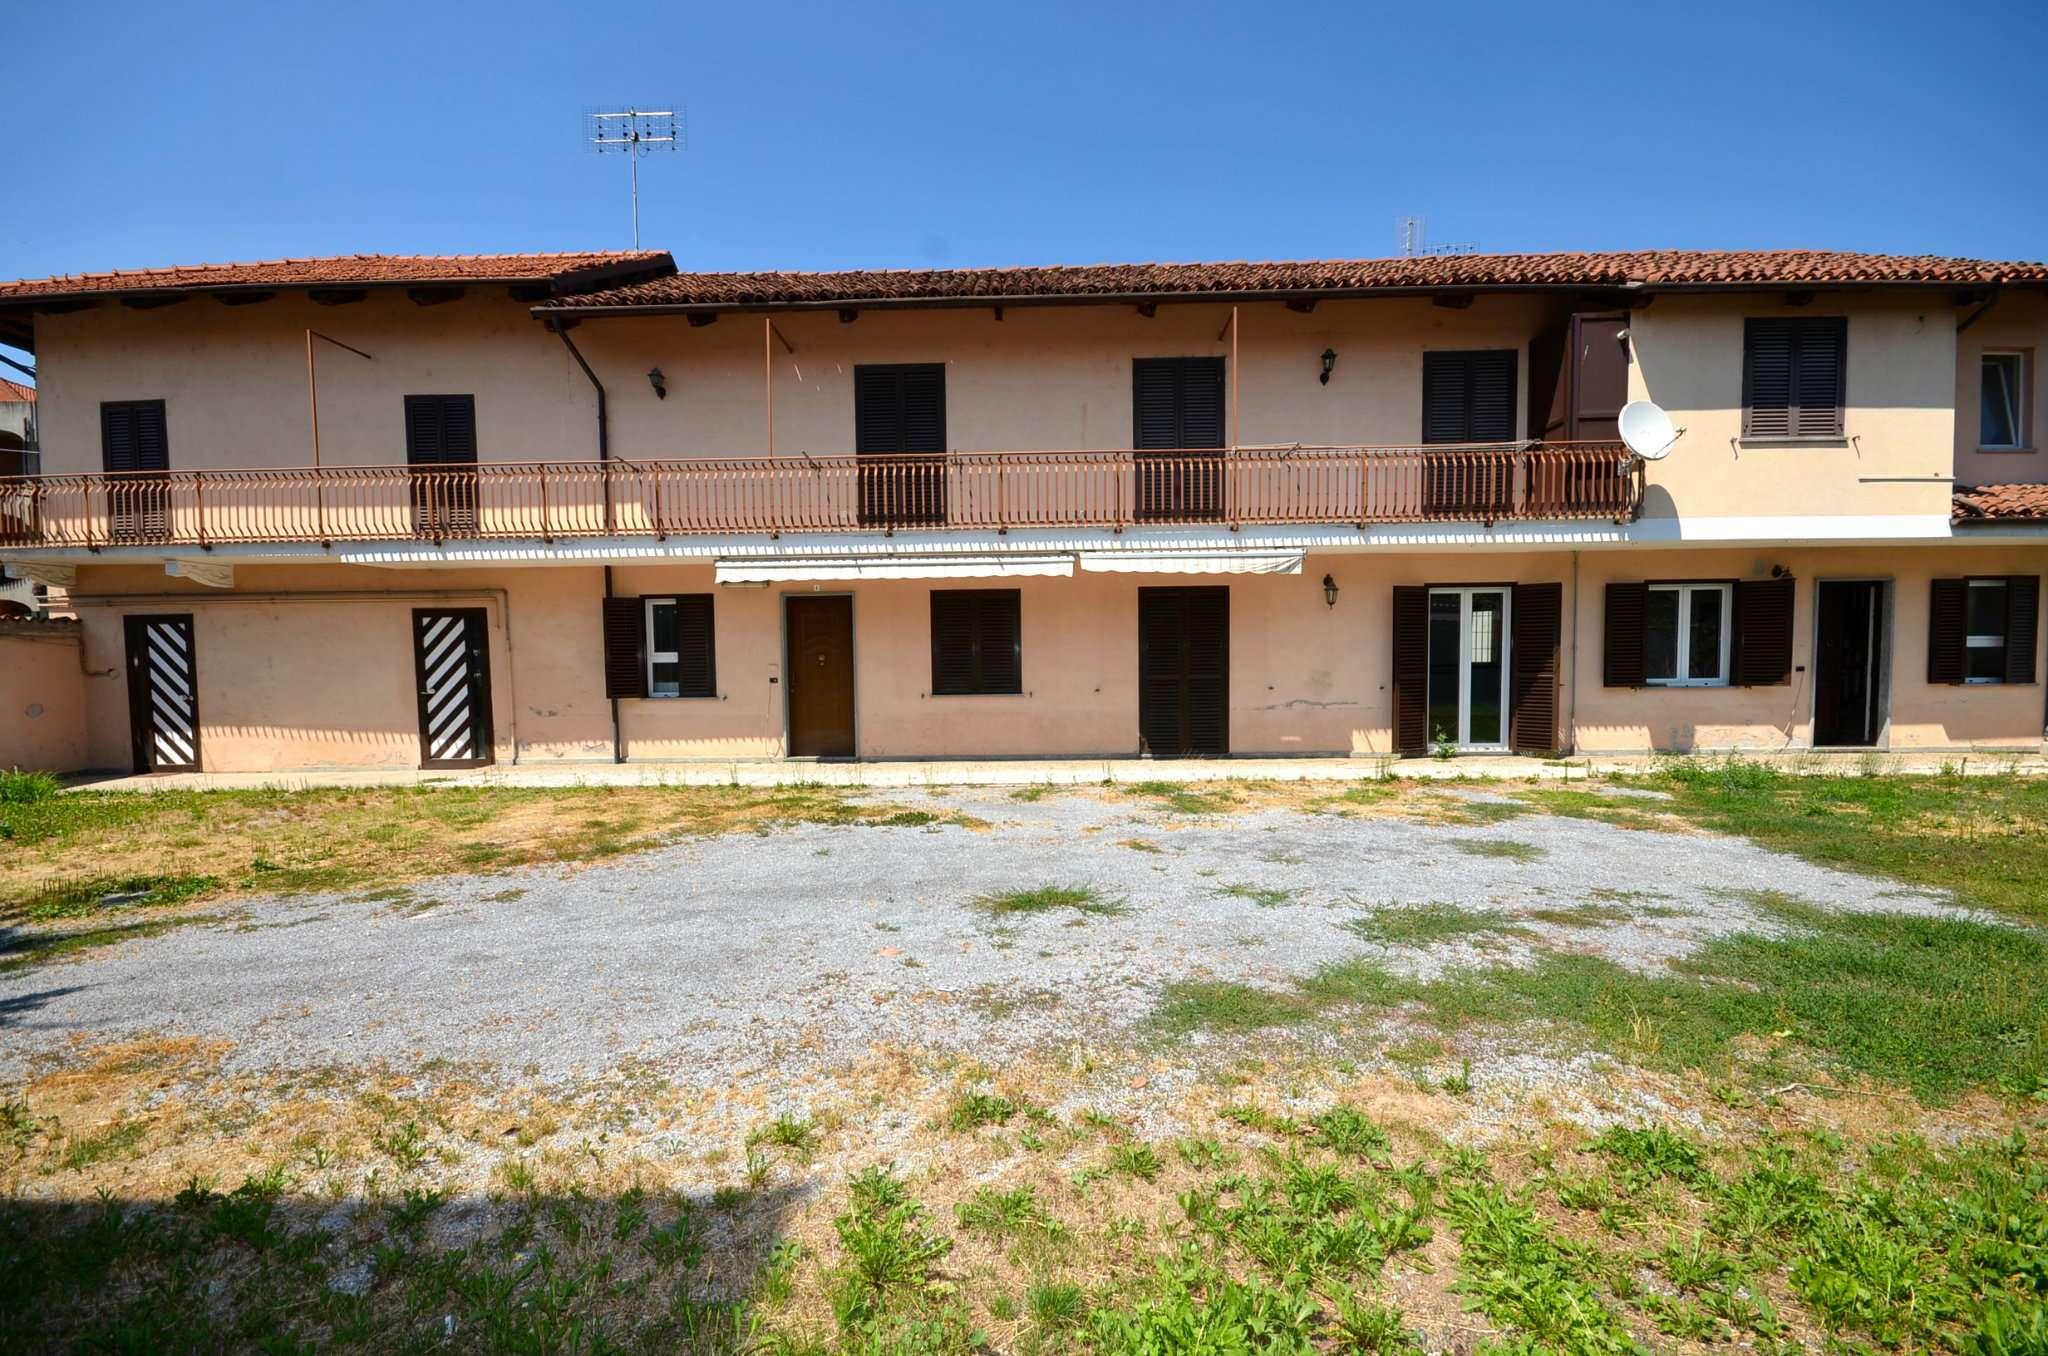 Soluzione Indipendente in vendita a Centallo, 4 locali, prezzo € 180.000 | CambioCasa.it